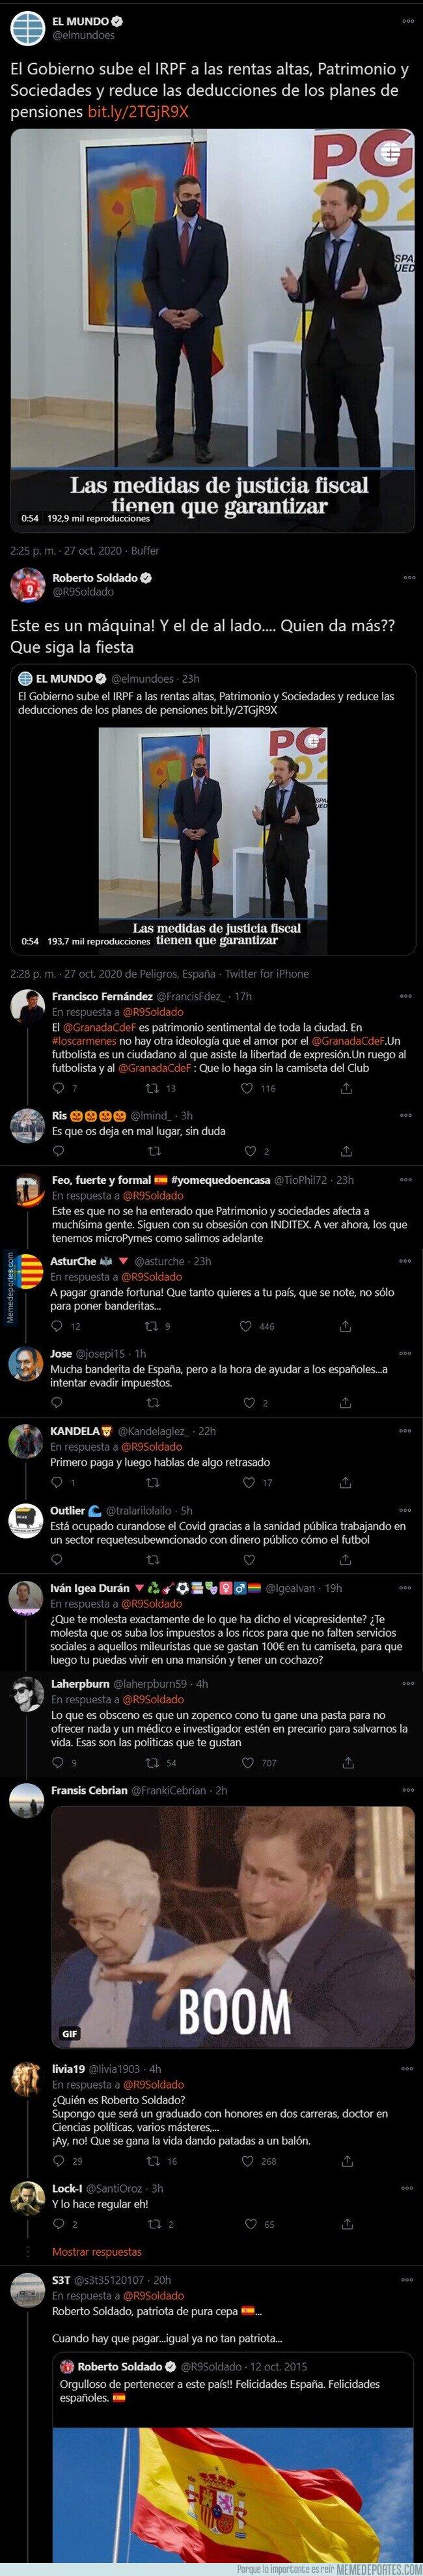 1119180 - Roberto Soldado la ha liado parda con este mensaje faltando a Pedro Sánchez y Pablo Iglesias tras subir los impuestos a los ricos